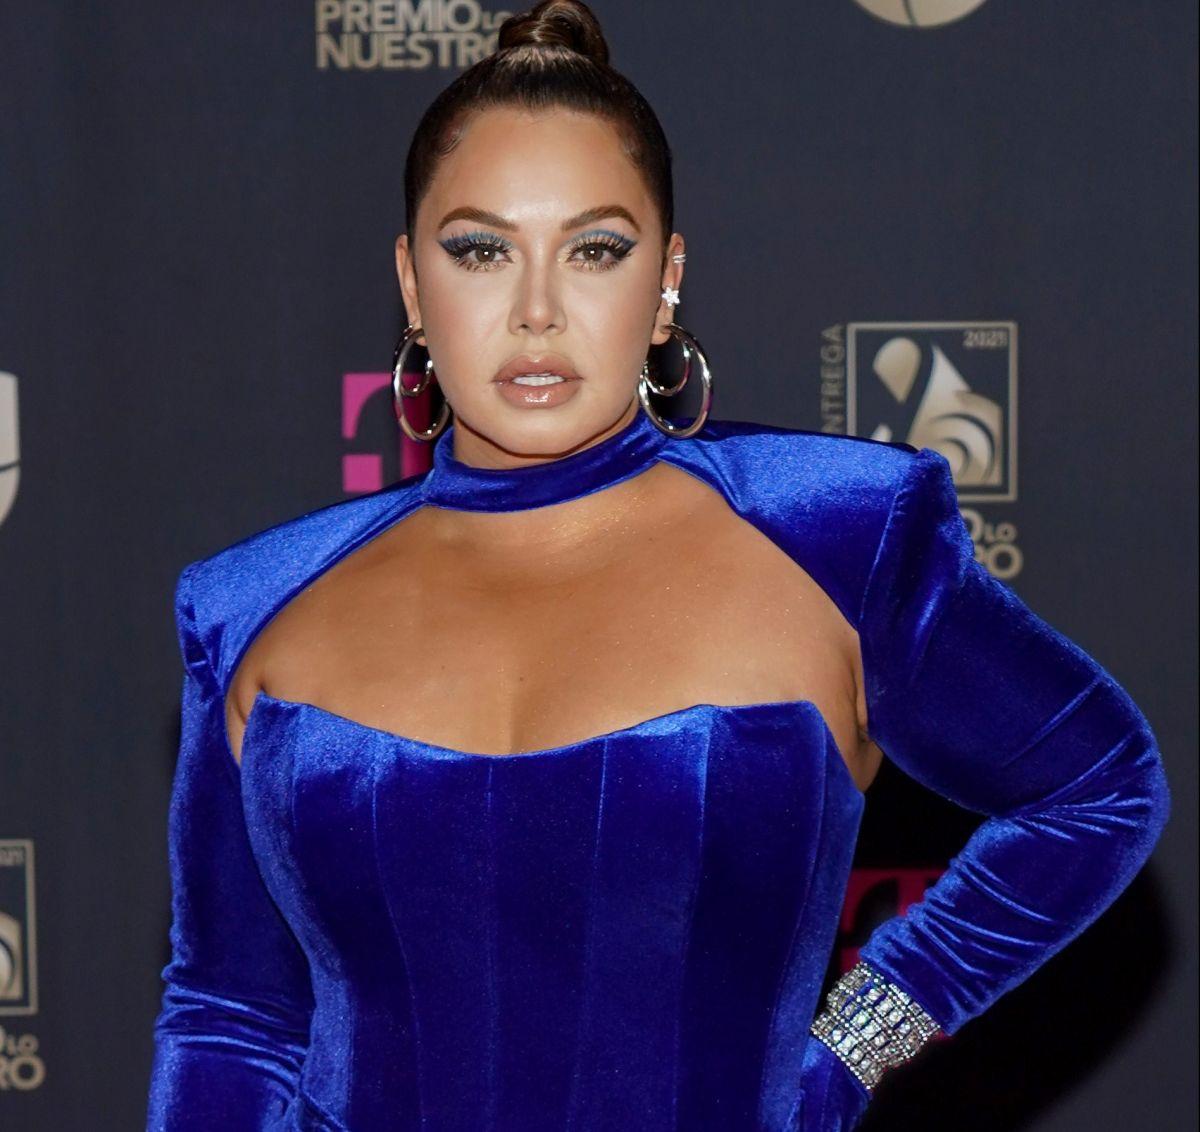 ¡Se armó la grande! Dicen que Chiquis Rivera tiene novio nuevo. Lorenzo y ella publican fuertes indirectas